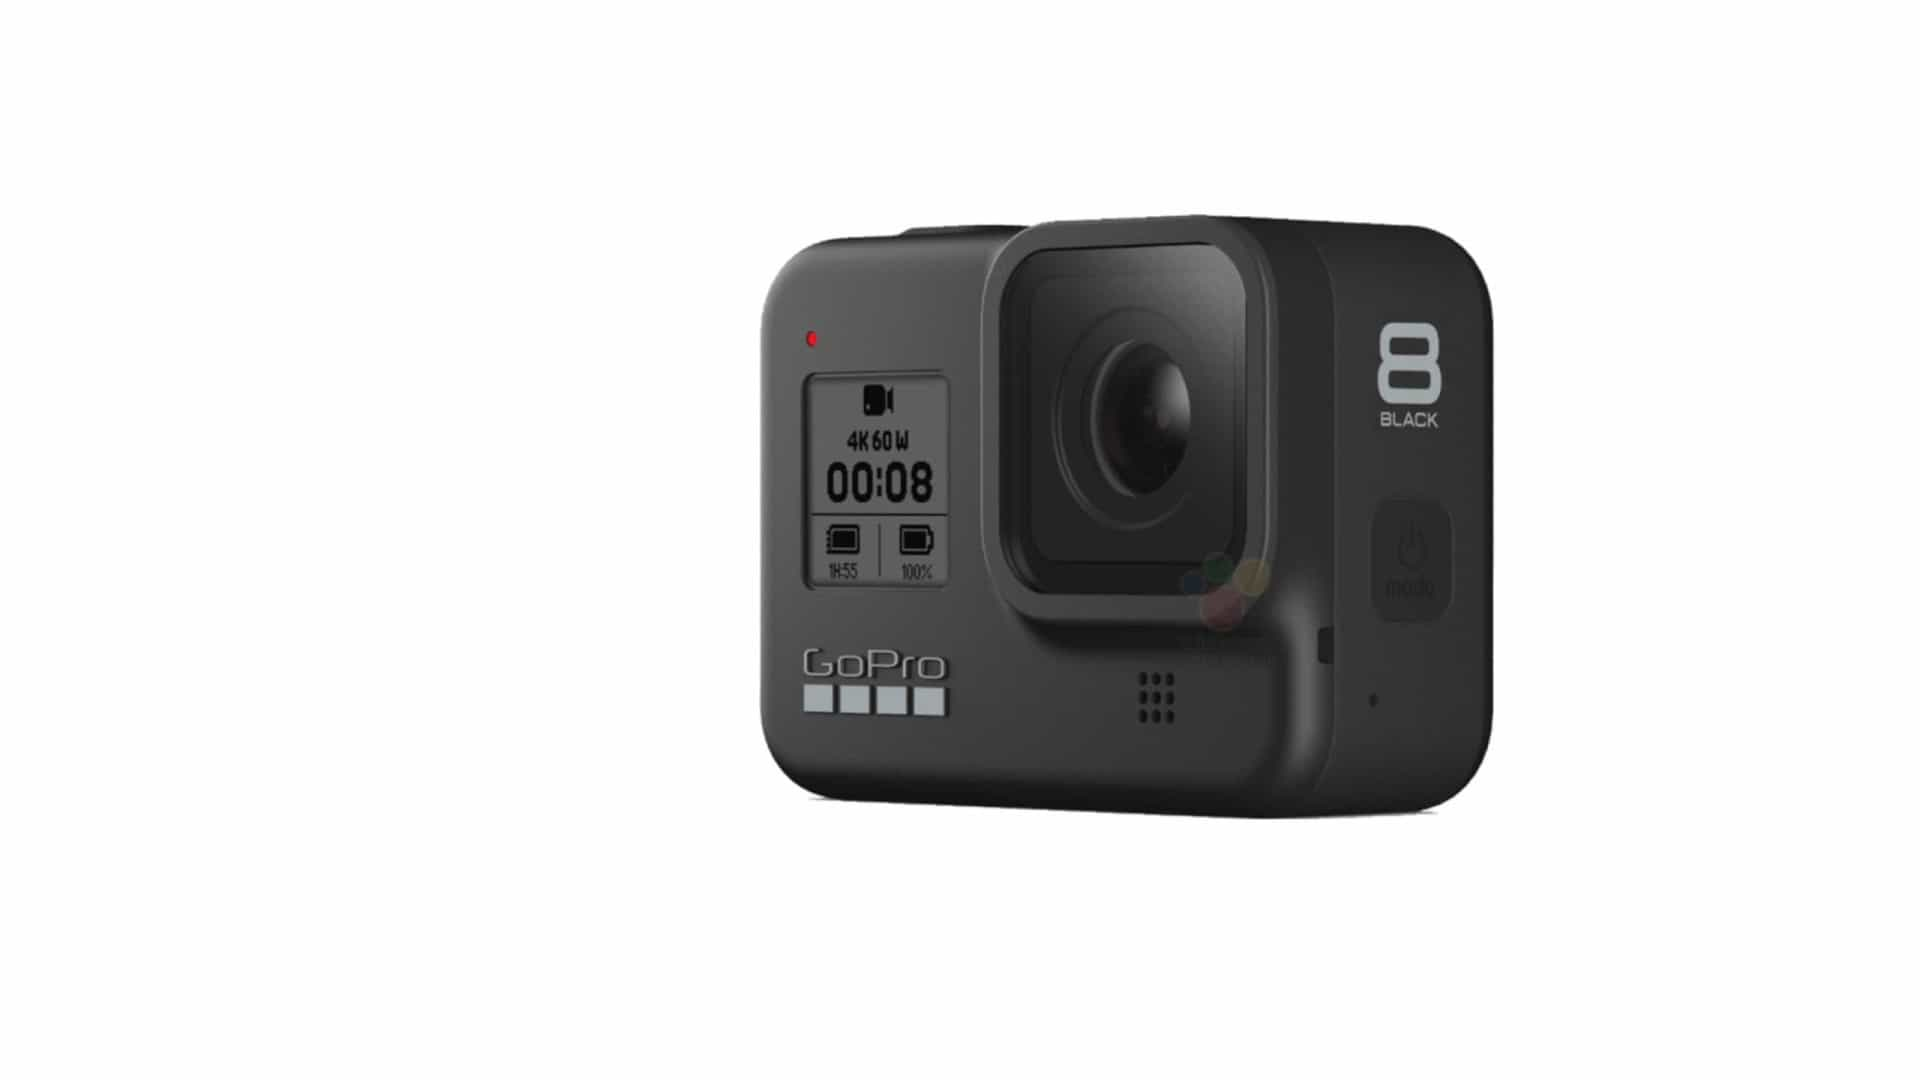 Foram reveladas imagens da nova geração da GoPro